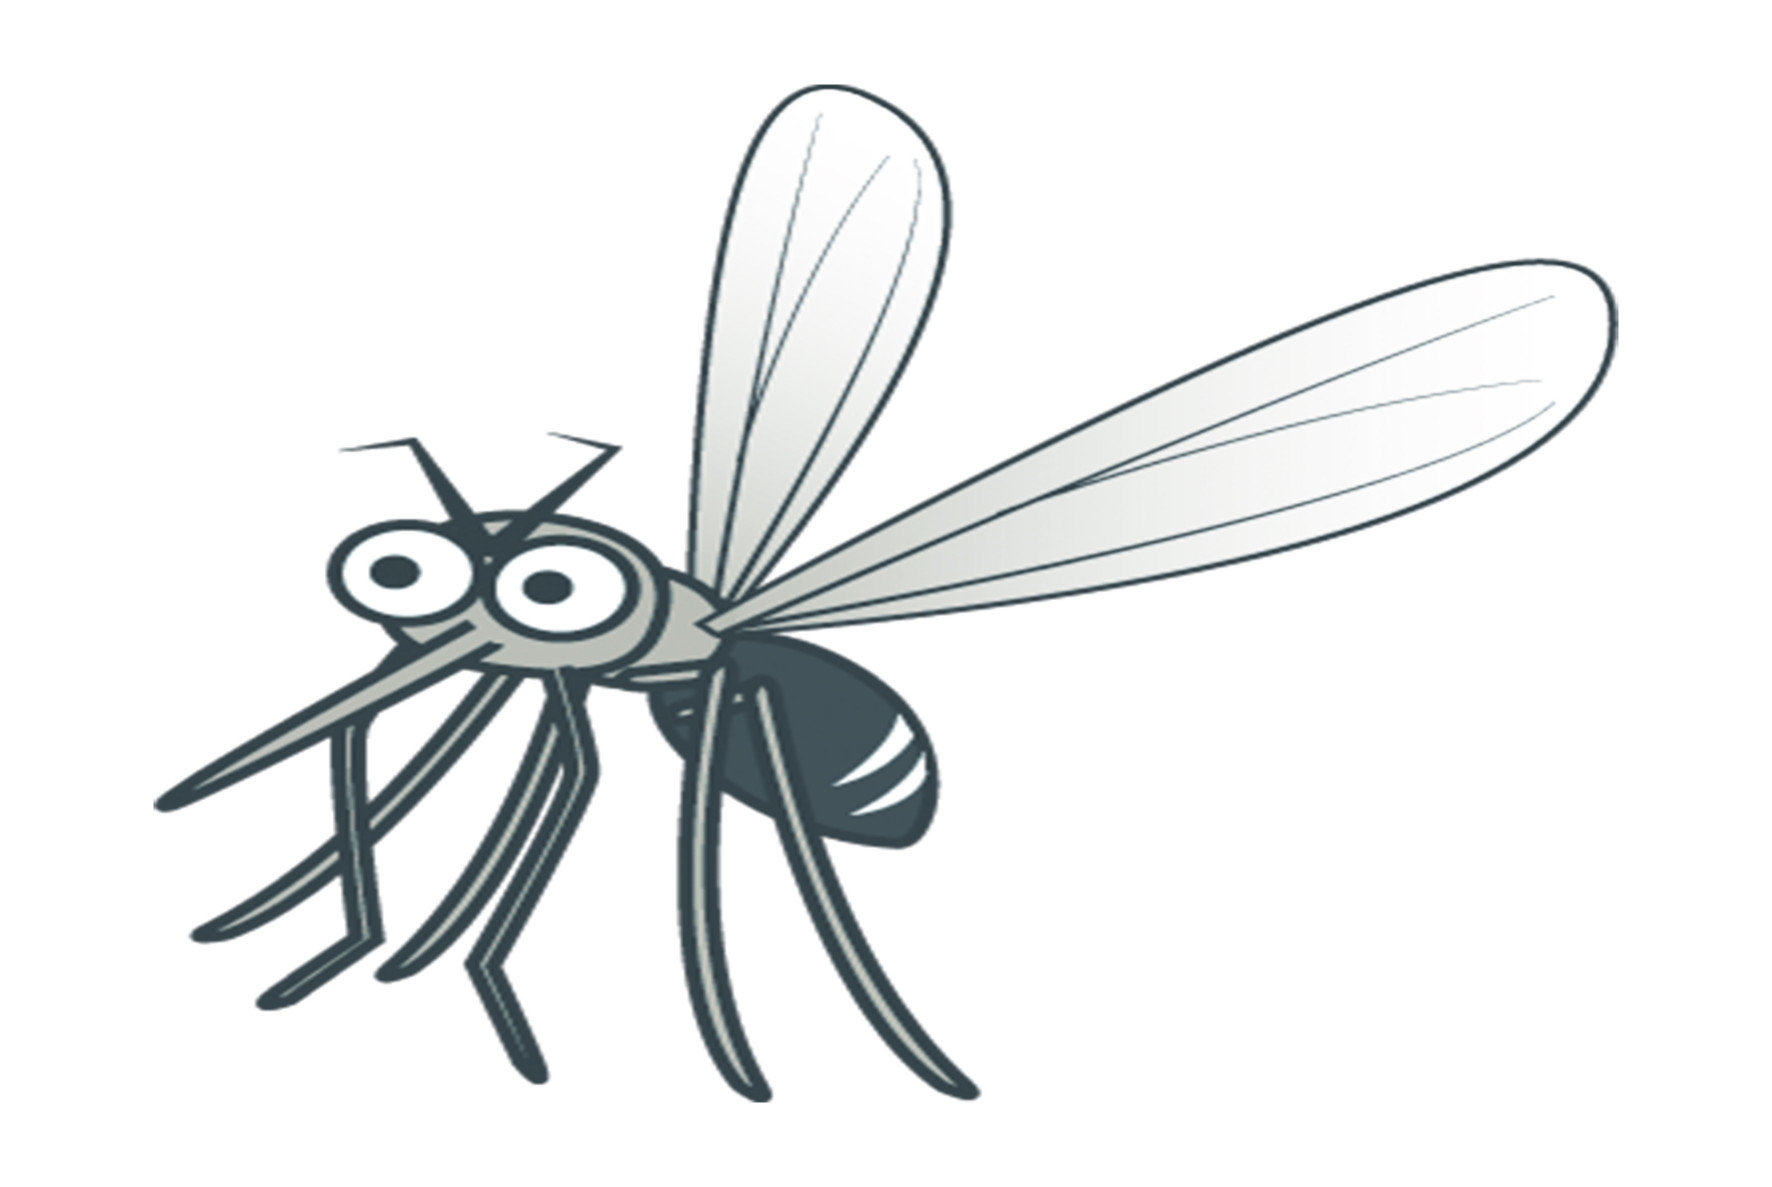 俗稱「黑微仔(烏蝛)」、「烏微仔」、「黑金剛」,中文俗名「台灣鋏蠓」,廣泛分佈於台灣各地,同時分布在世界各地,並有個有趣的稱號「no-see-ums」,意即蚊子飛行時,總是伴隨著惱人的嗡嗡聲,而小黑蚊卻無聲無息,可謂「吸血於無形」。